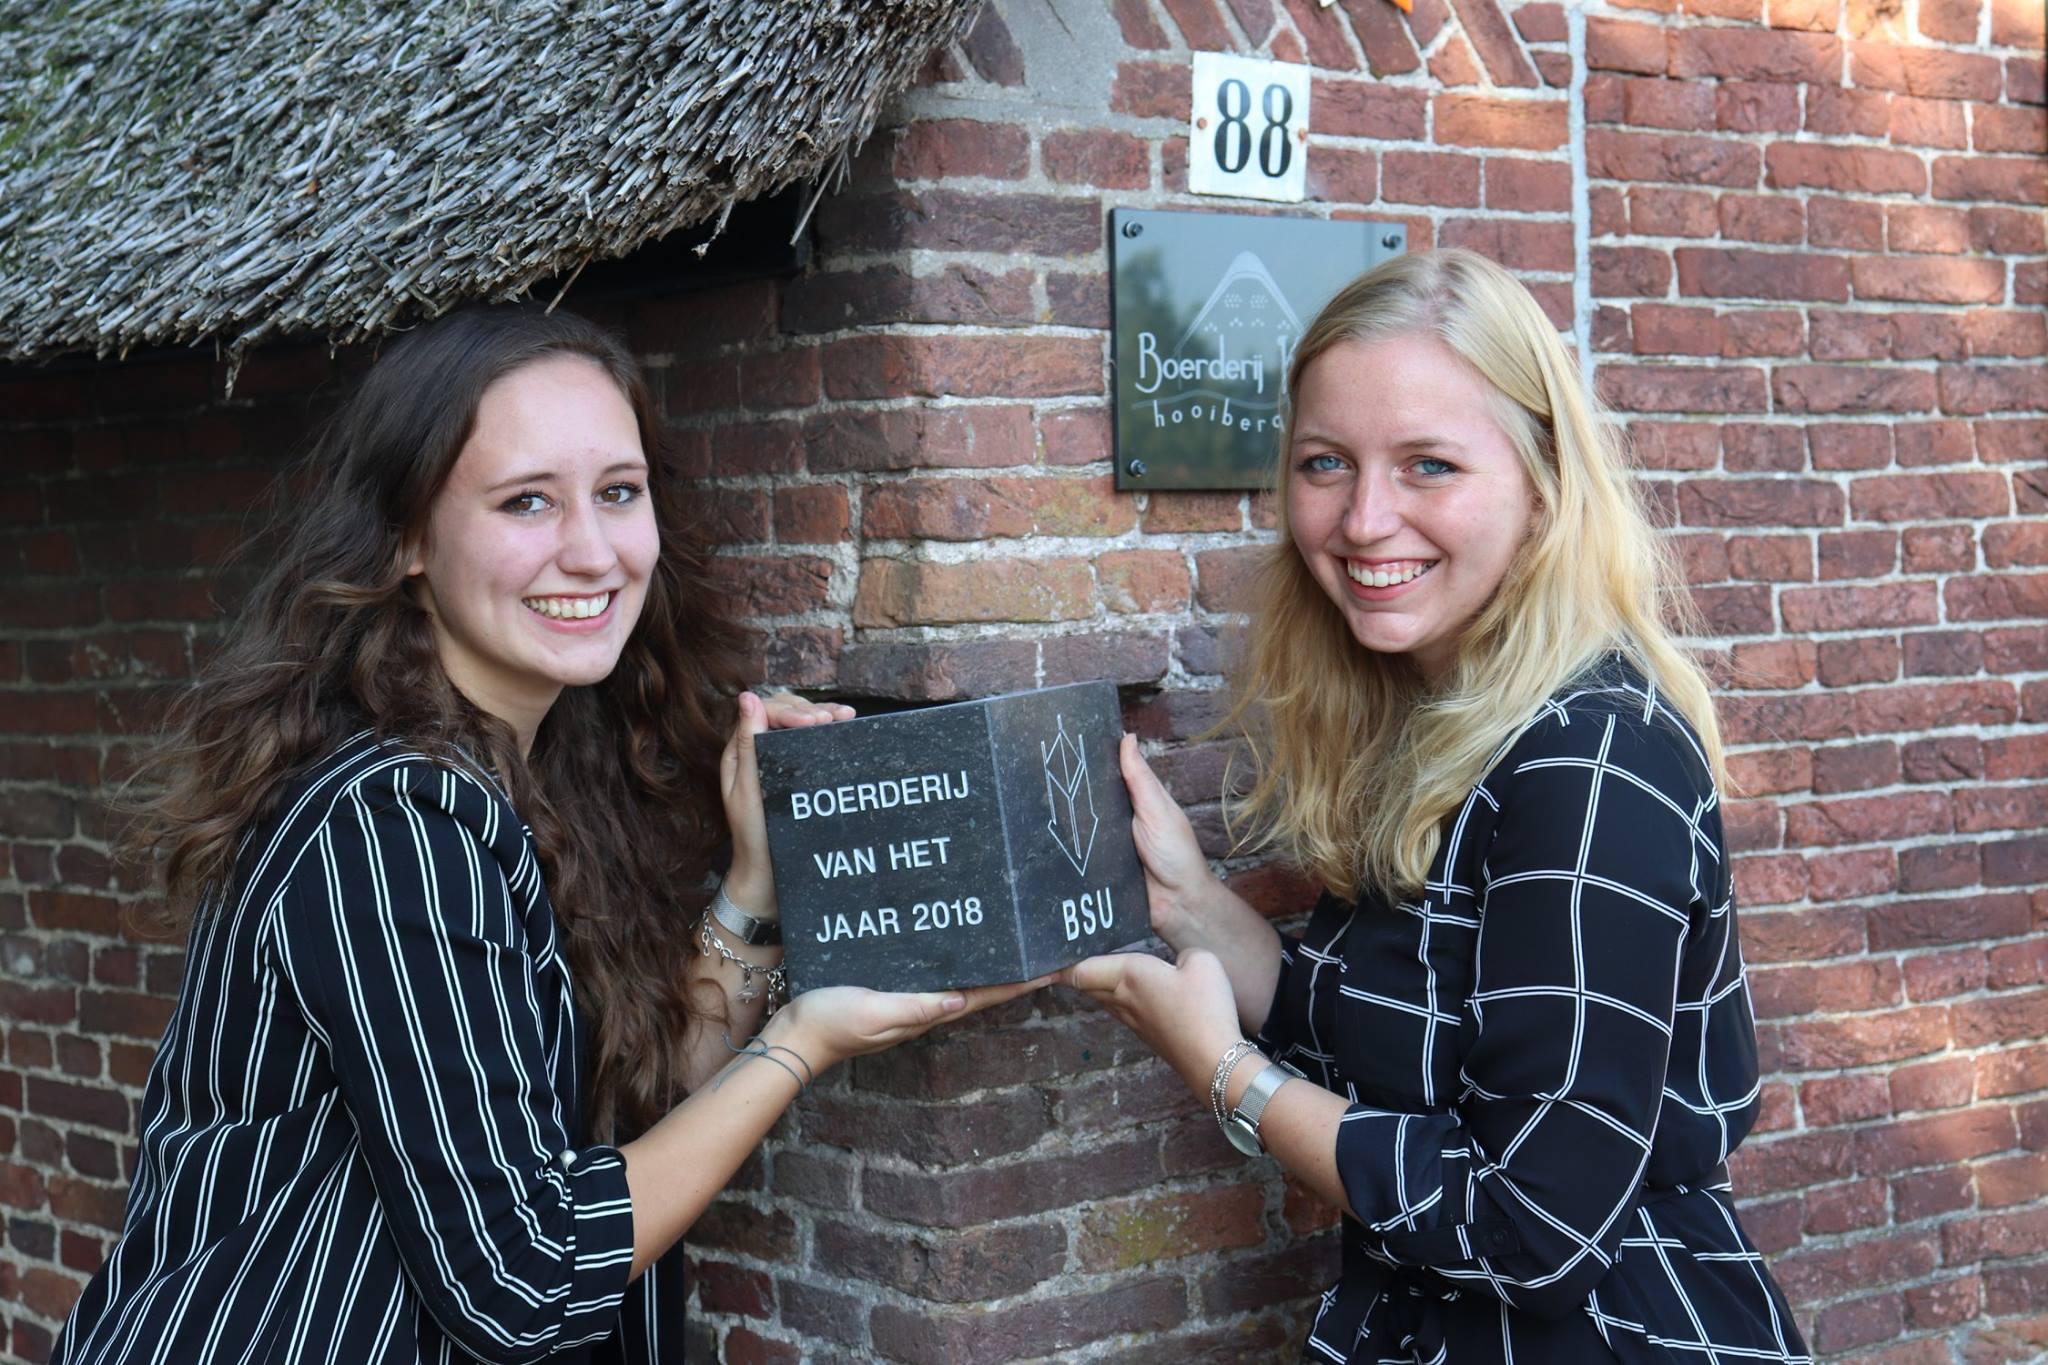 De dochters van Jan en Diny Kromwijk